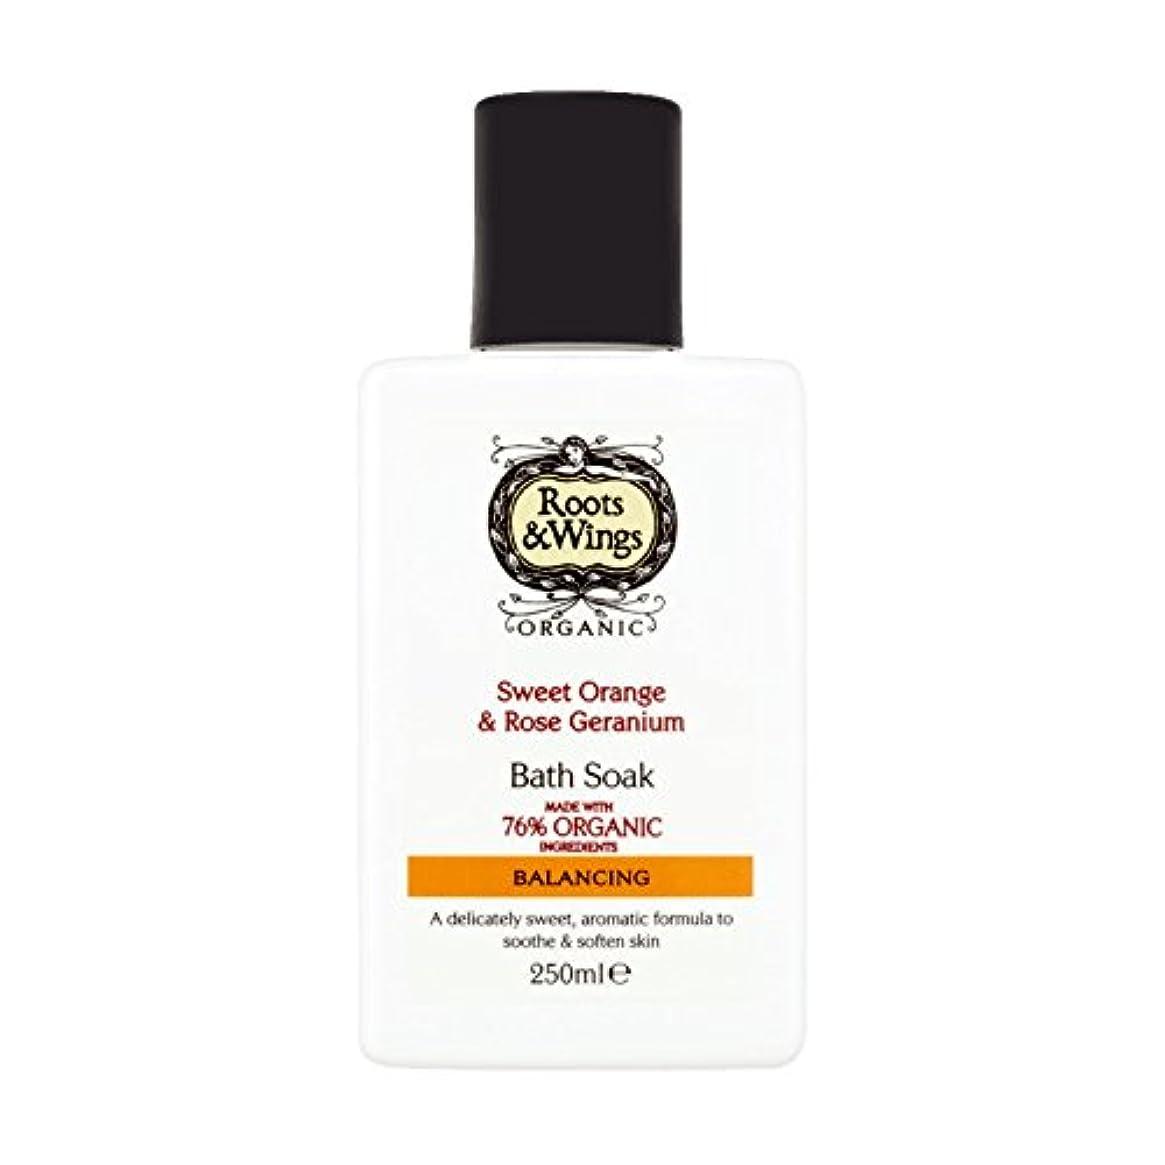 ヒップゴミ箱を空にするその後Roots & Wings Bath Soak Sweet Orange & Rose Geranium 250ml (Pack of 6) - ルーツ&翼バス甘いオレンジを浸し&ゼラニウム250ミリリットルをバラ (x6...